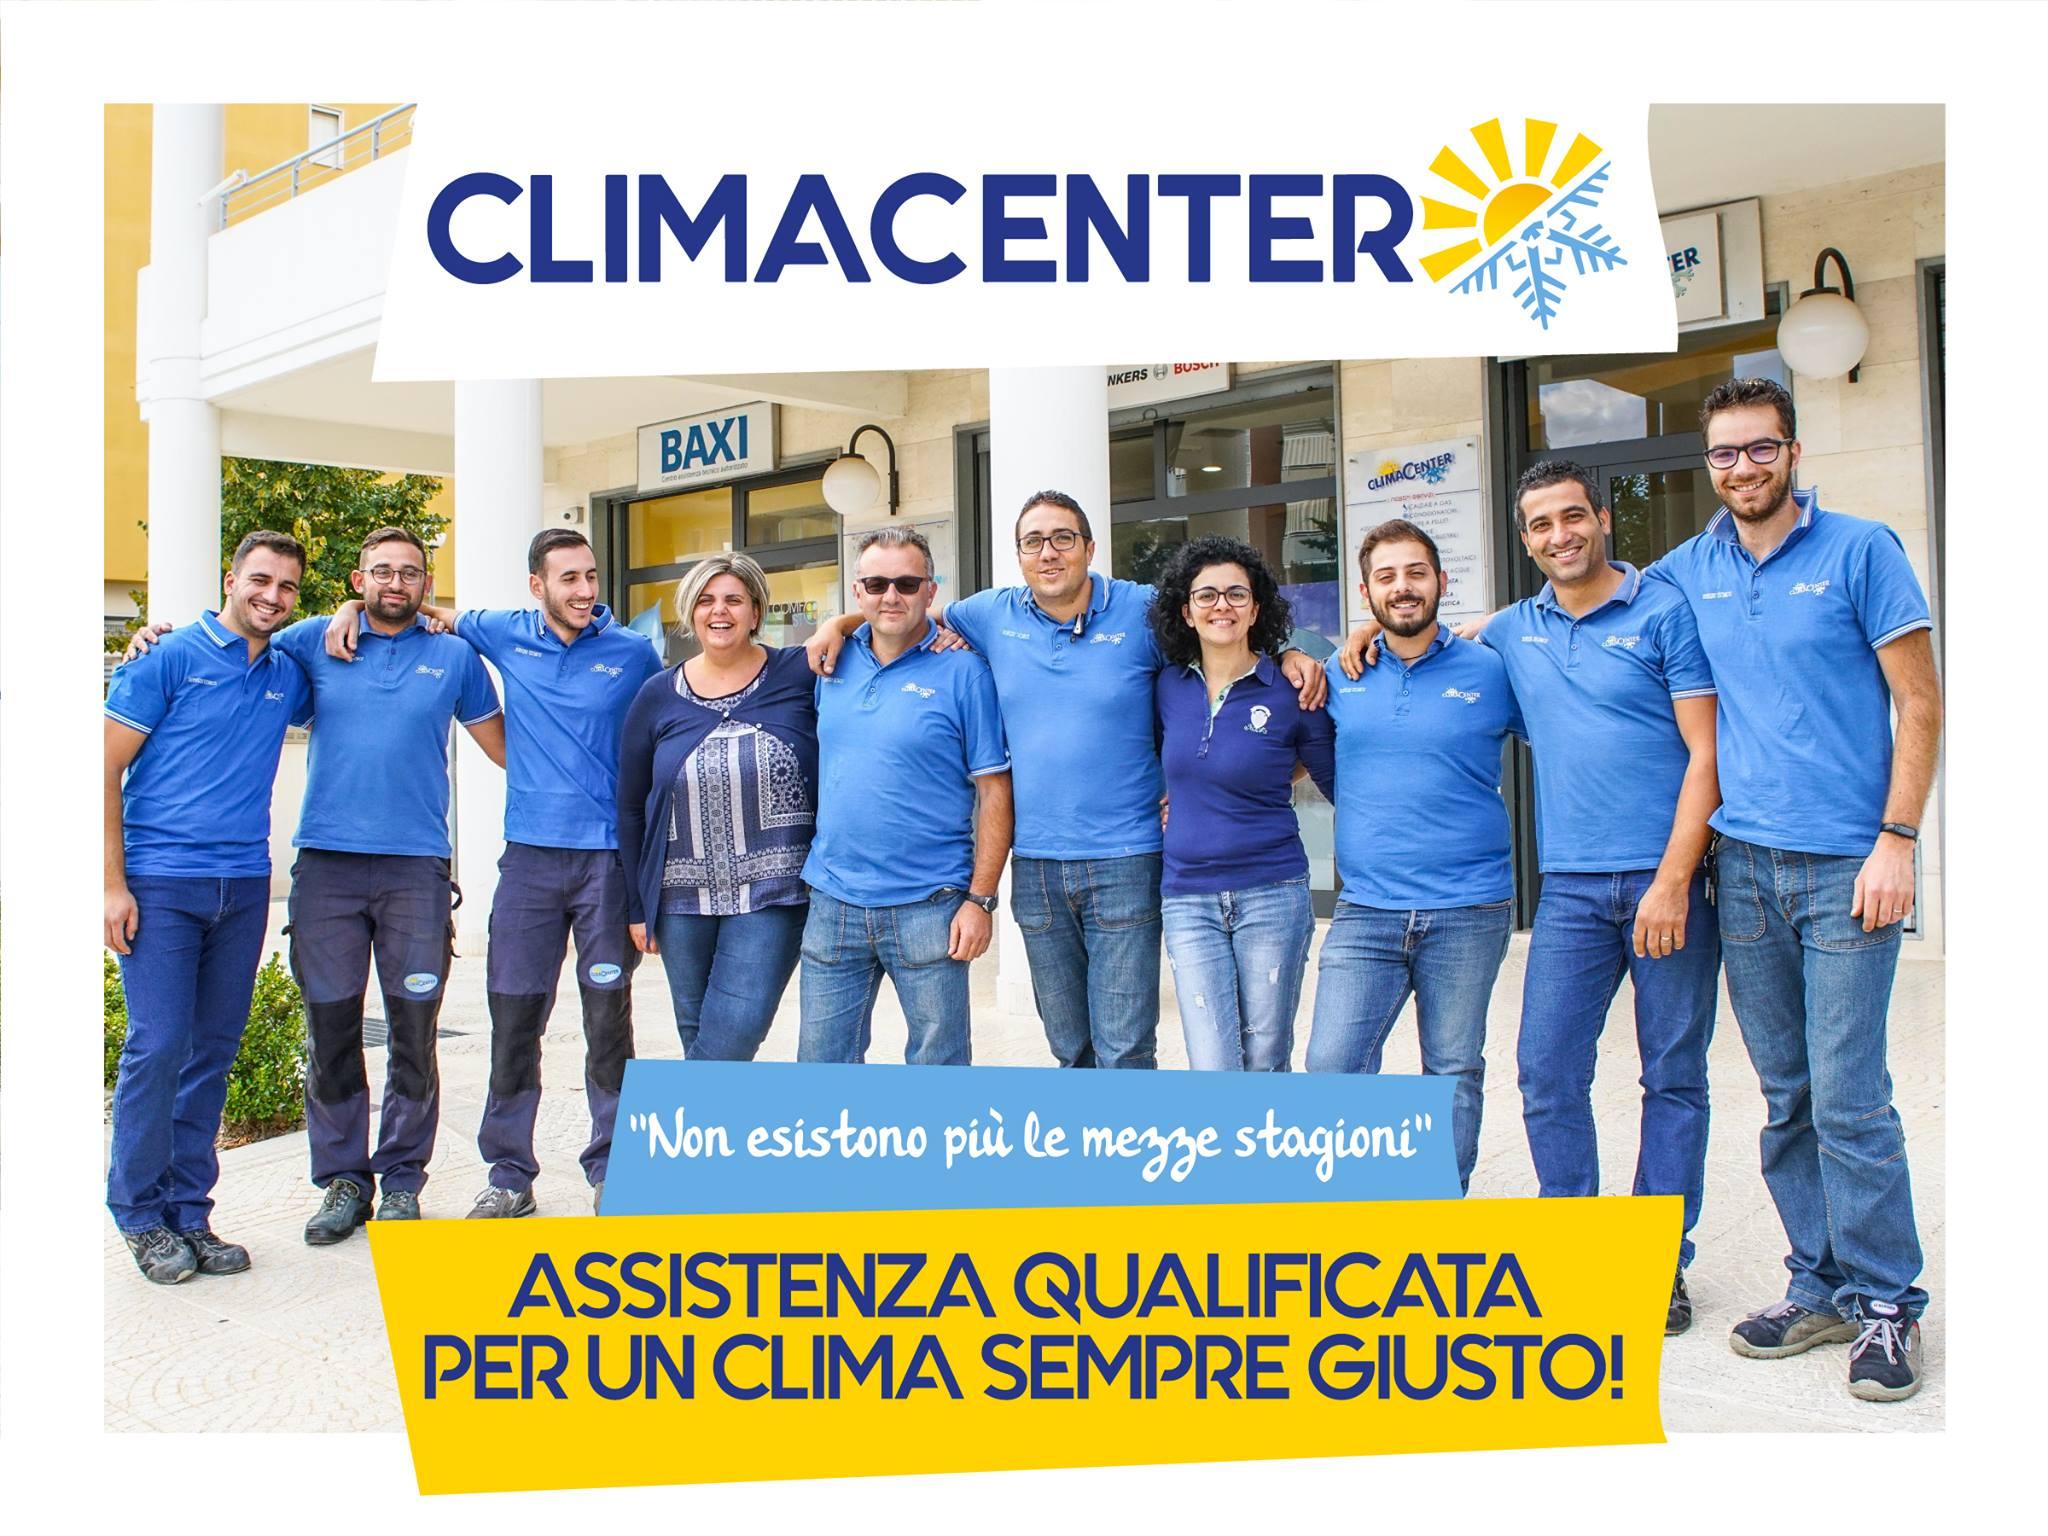 climacenter_gioiadelcolle